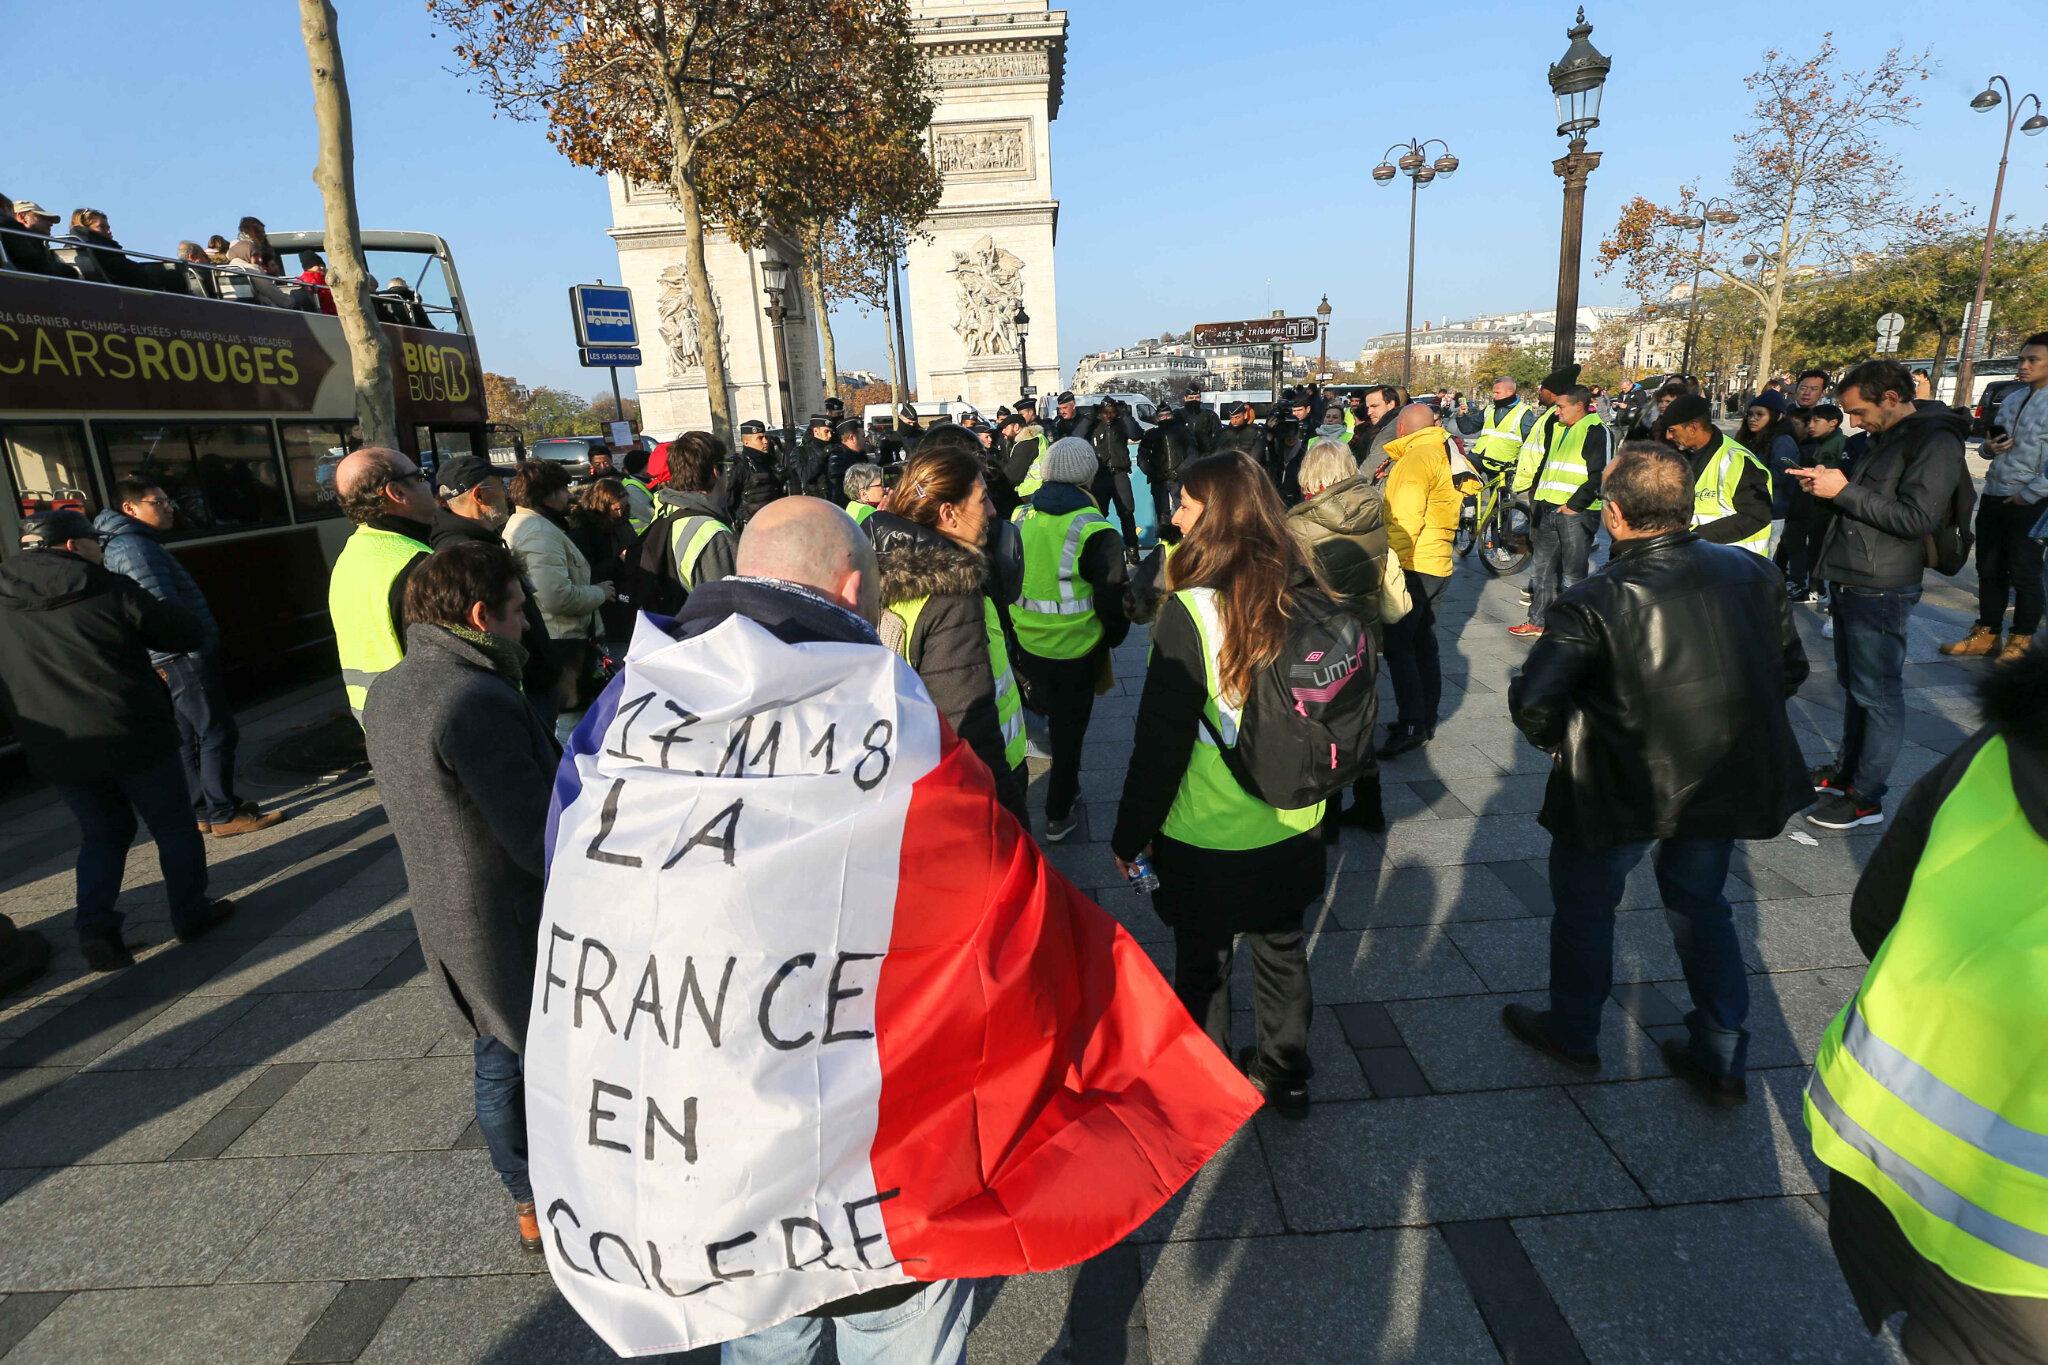 Les gilets jaunes bloquent la place Charles-de-Gaulle. © Michel Stoupak. Sam 17.11.2018, 10h04m33.